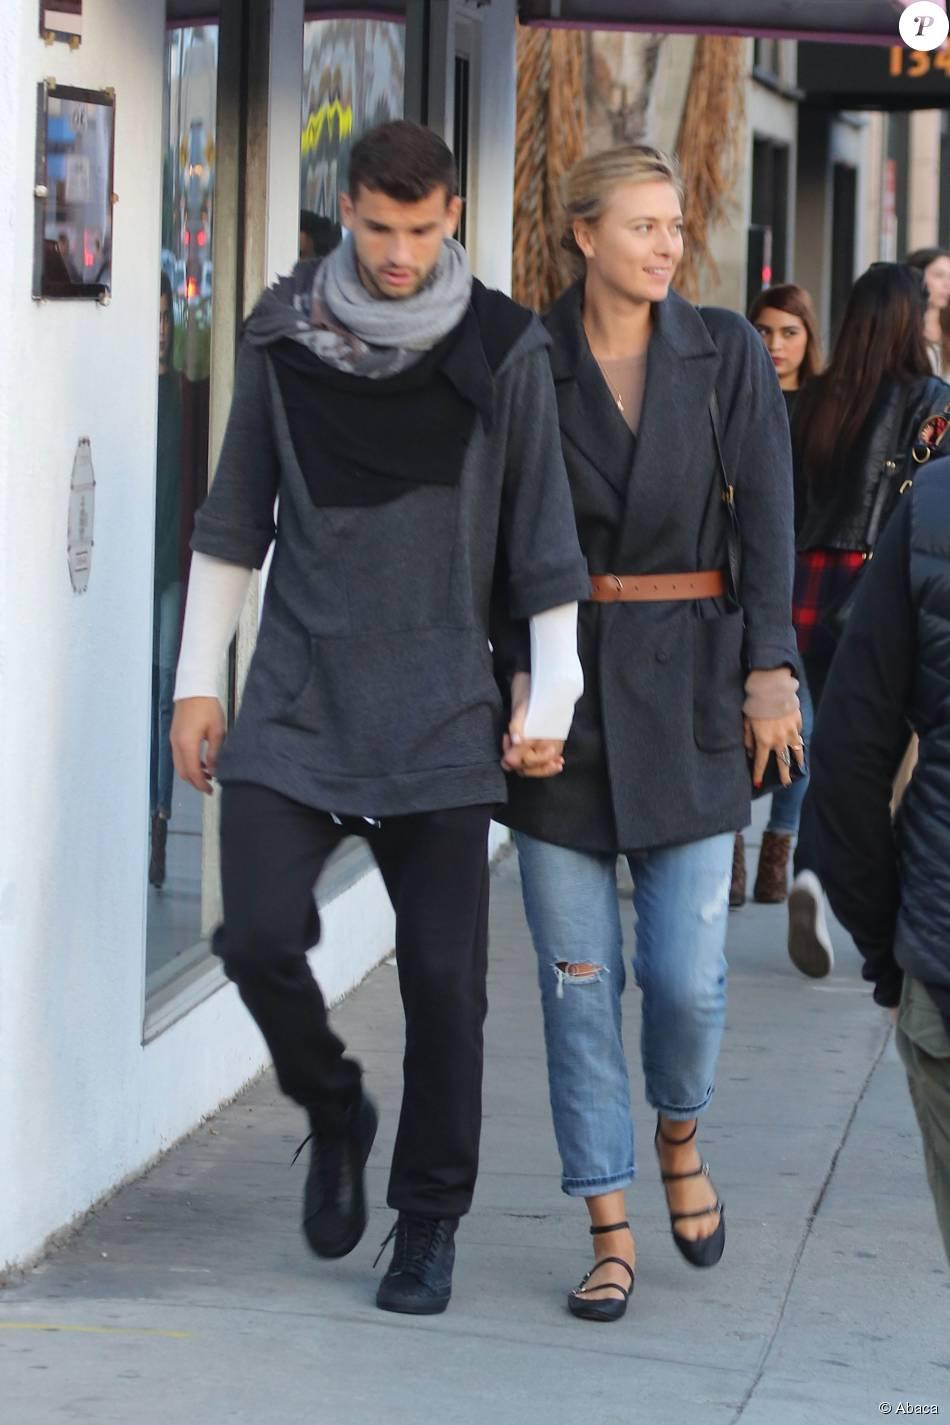 Maria Sharapova et Grigor Dimitrov à la sortie du café Intelligentsia à Venice, Los Angeles, le 21 décembre 2014